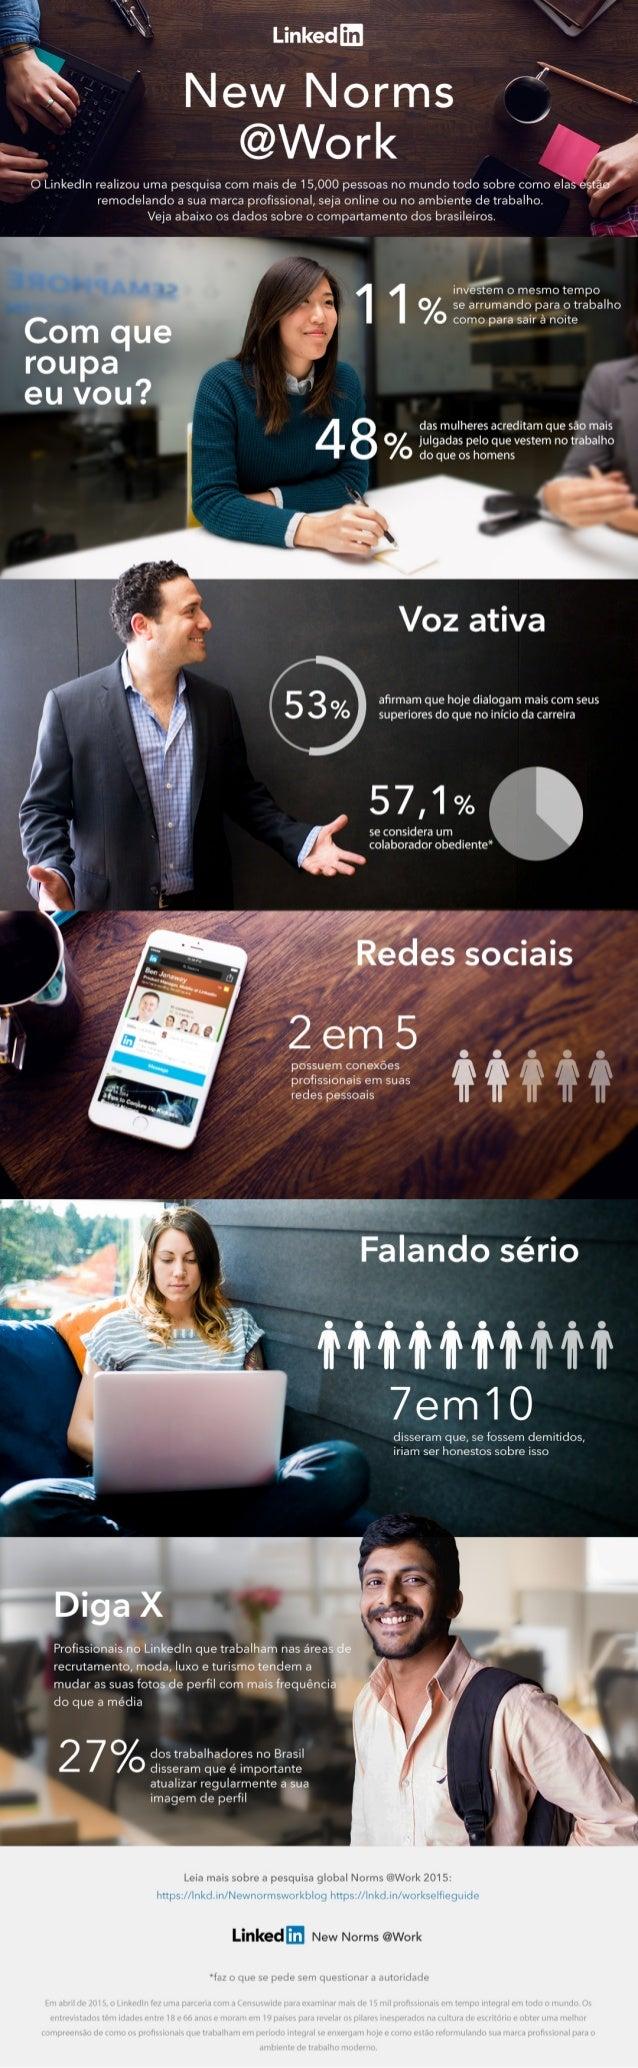 """Linked """" J  New Norms """" V @wkwk  O LinkedIn realizou uma pesquisa com mais de 15,000 pessoas no mundo todo sobre como elas..."""